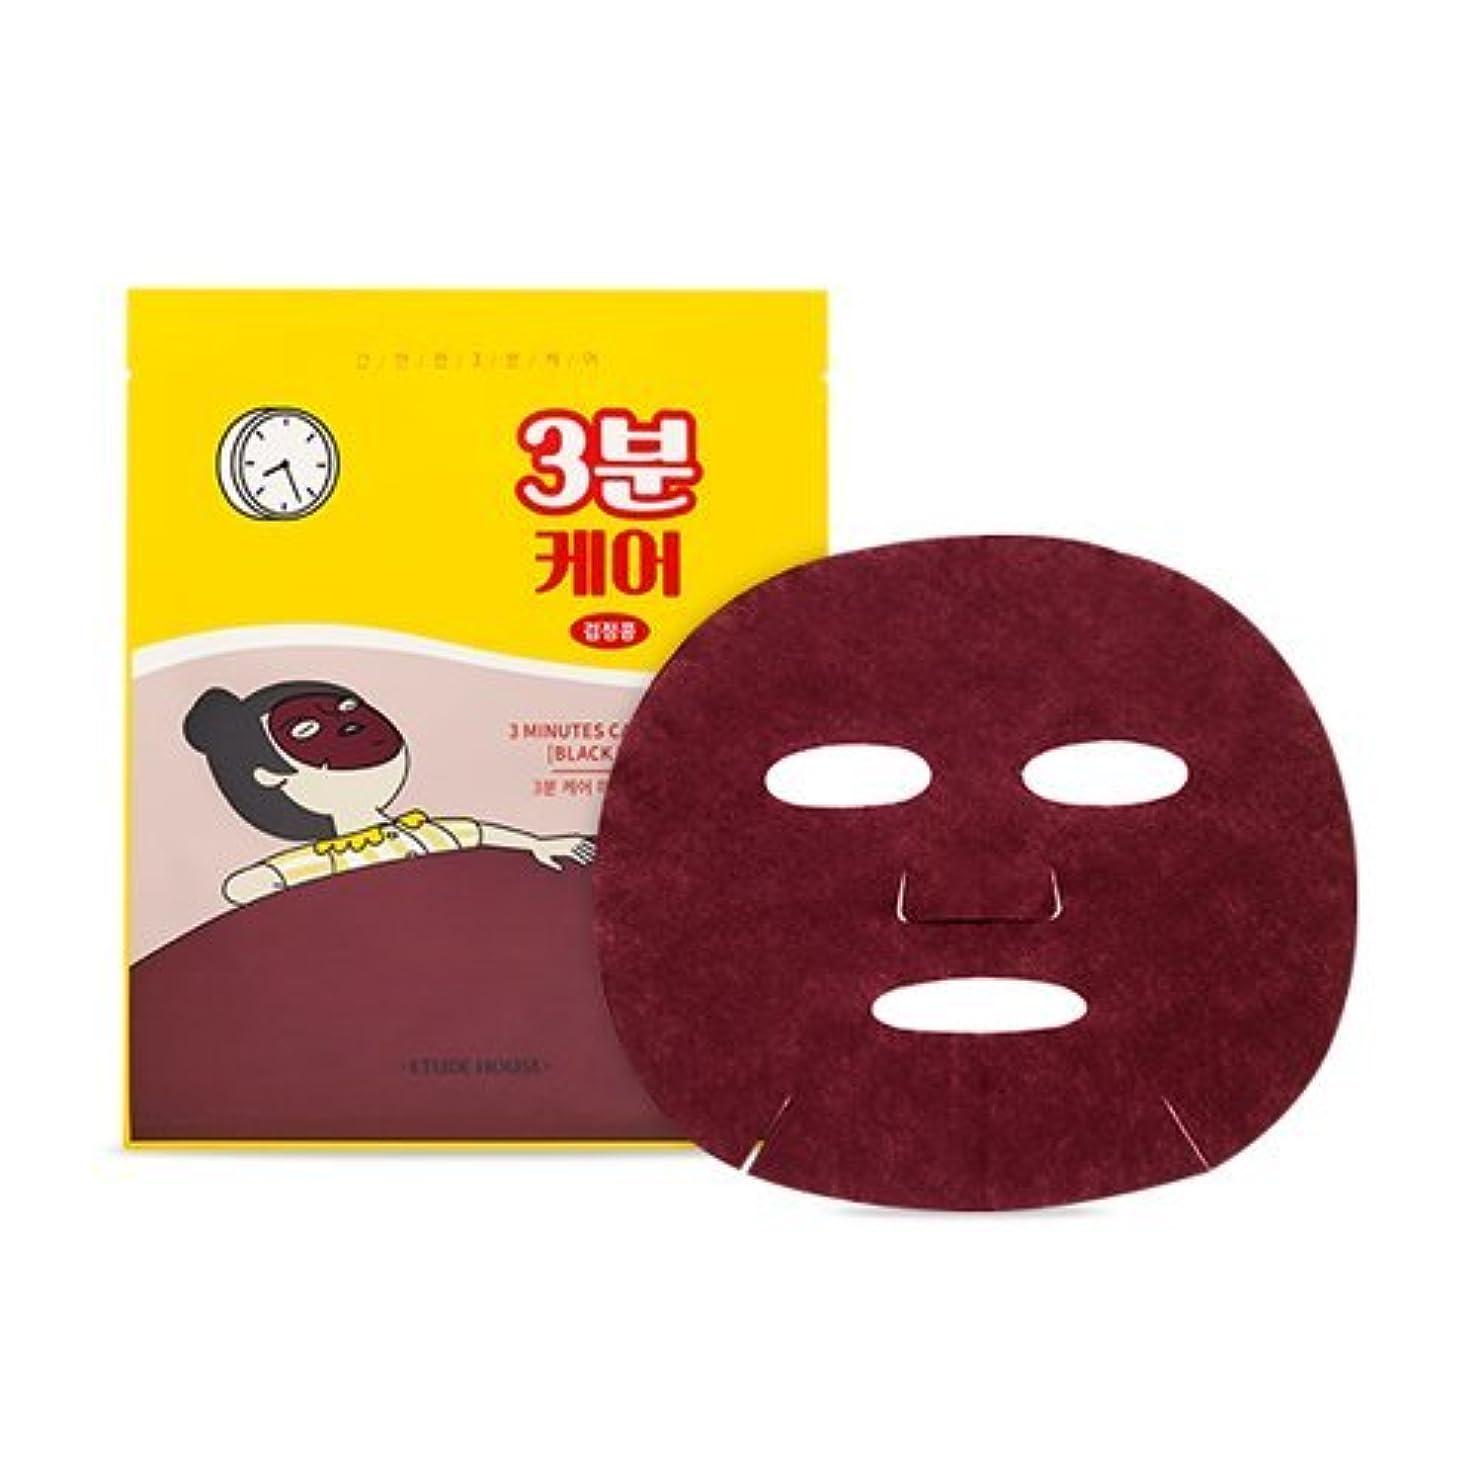 地下室誇り出血エチュードハウス 3分ケア マスク[ ブラックビーン ] 5枚/ETUDE HOUSE 3 Minutes Care Mask [BLACK BEAN] 23g*5EA